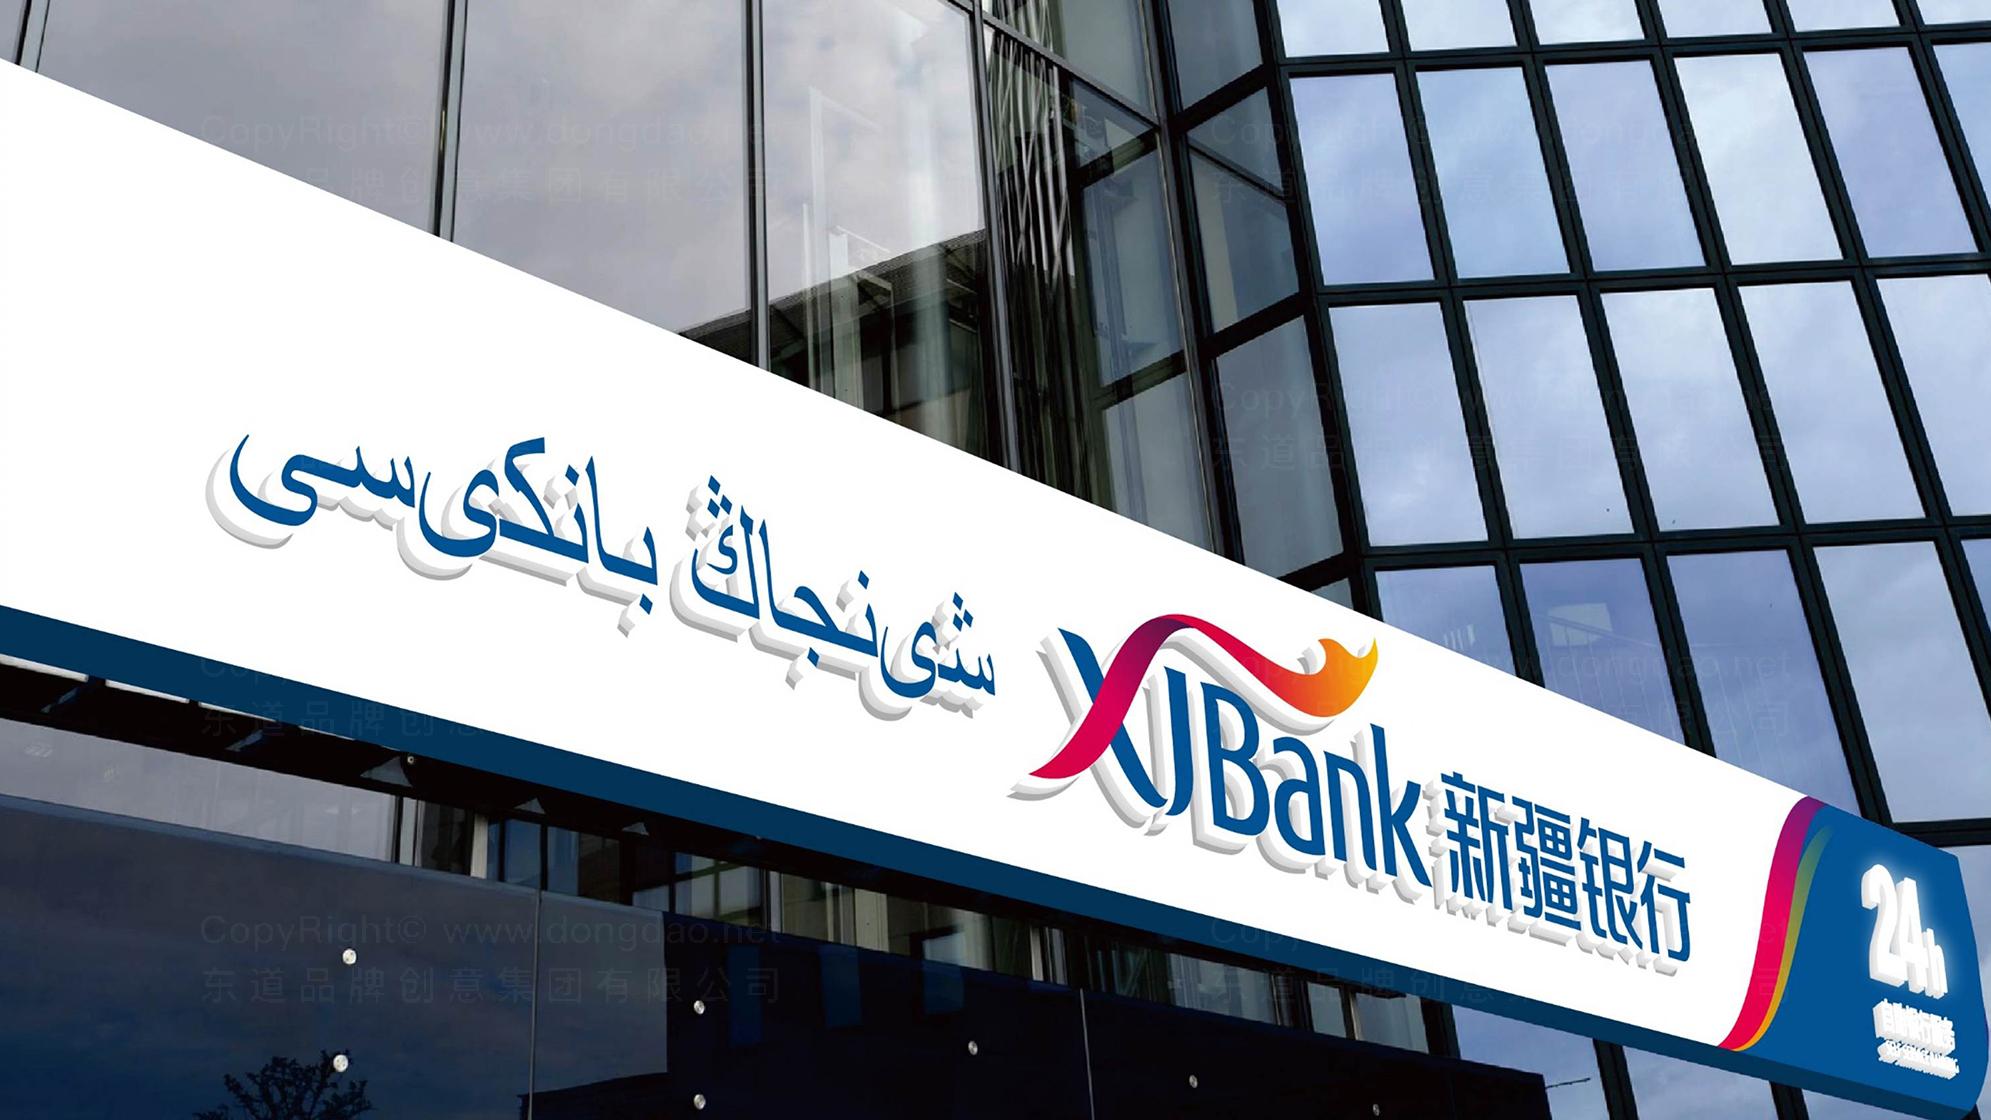 品牌设计新疆银行LOGO&VI设计应用场景_2